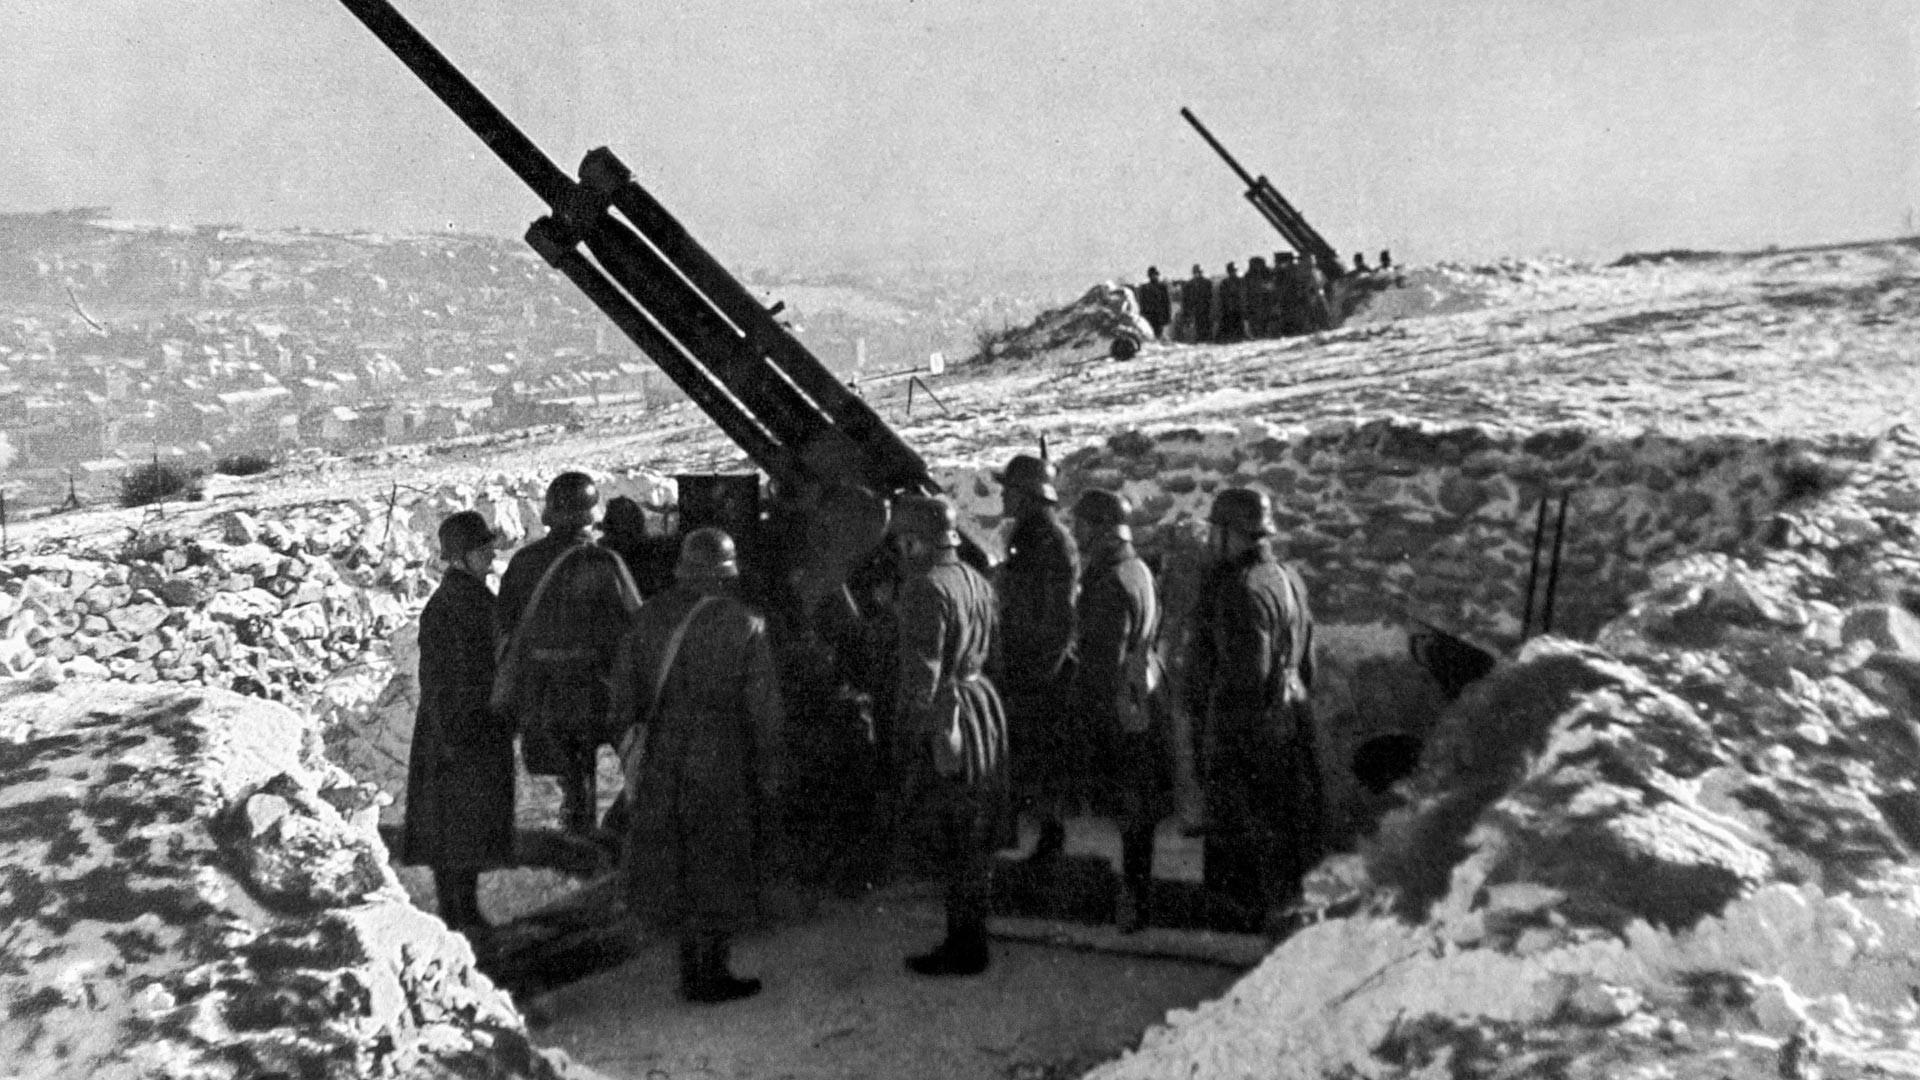 Madžarska vojska pri obrambi Donave, 1941